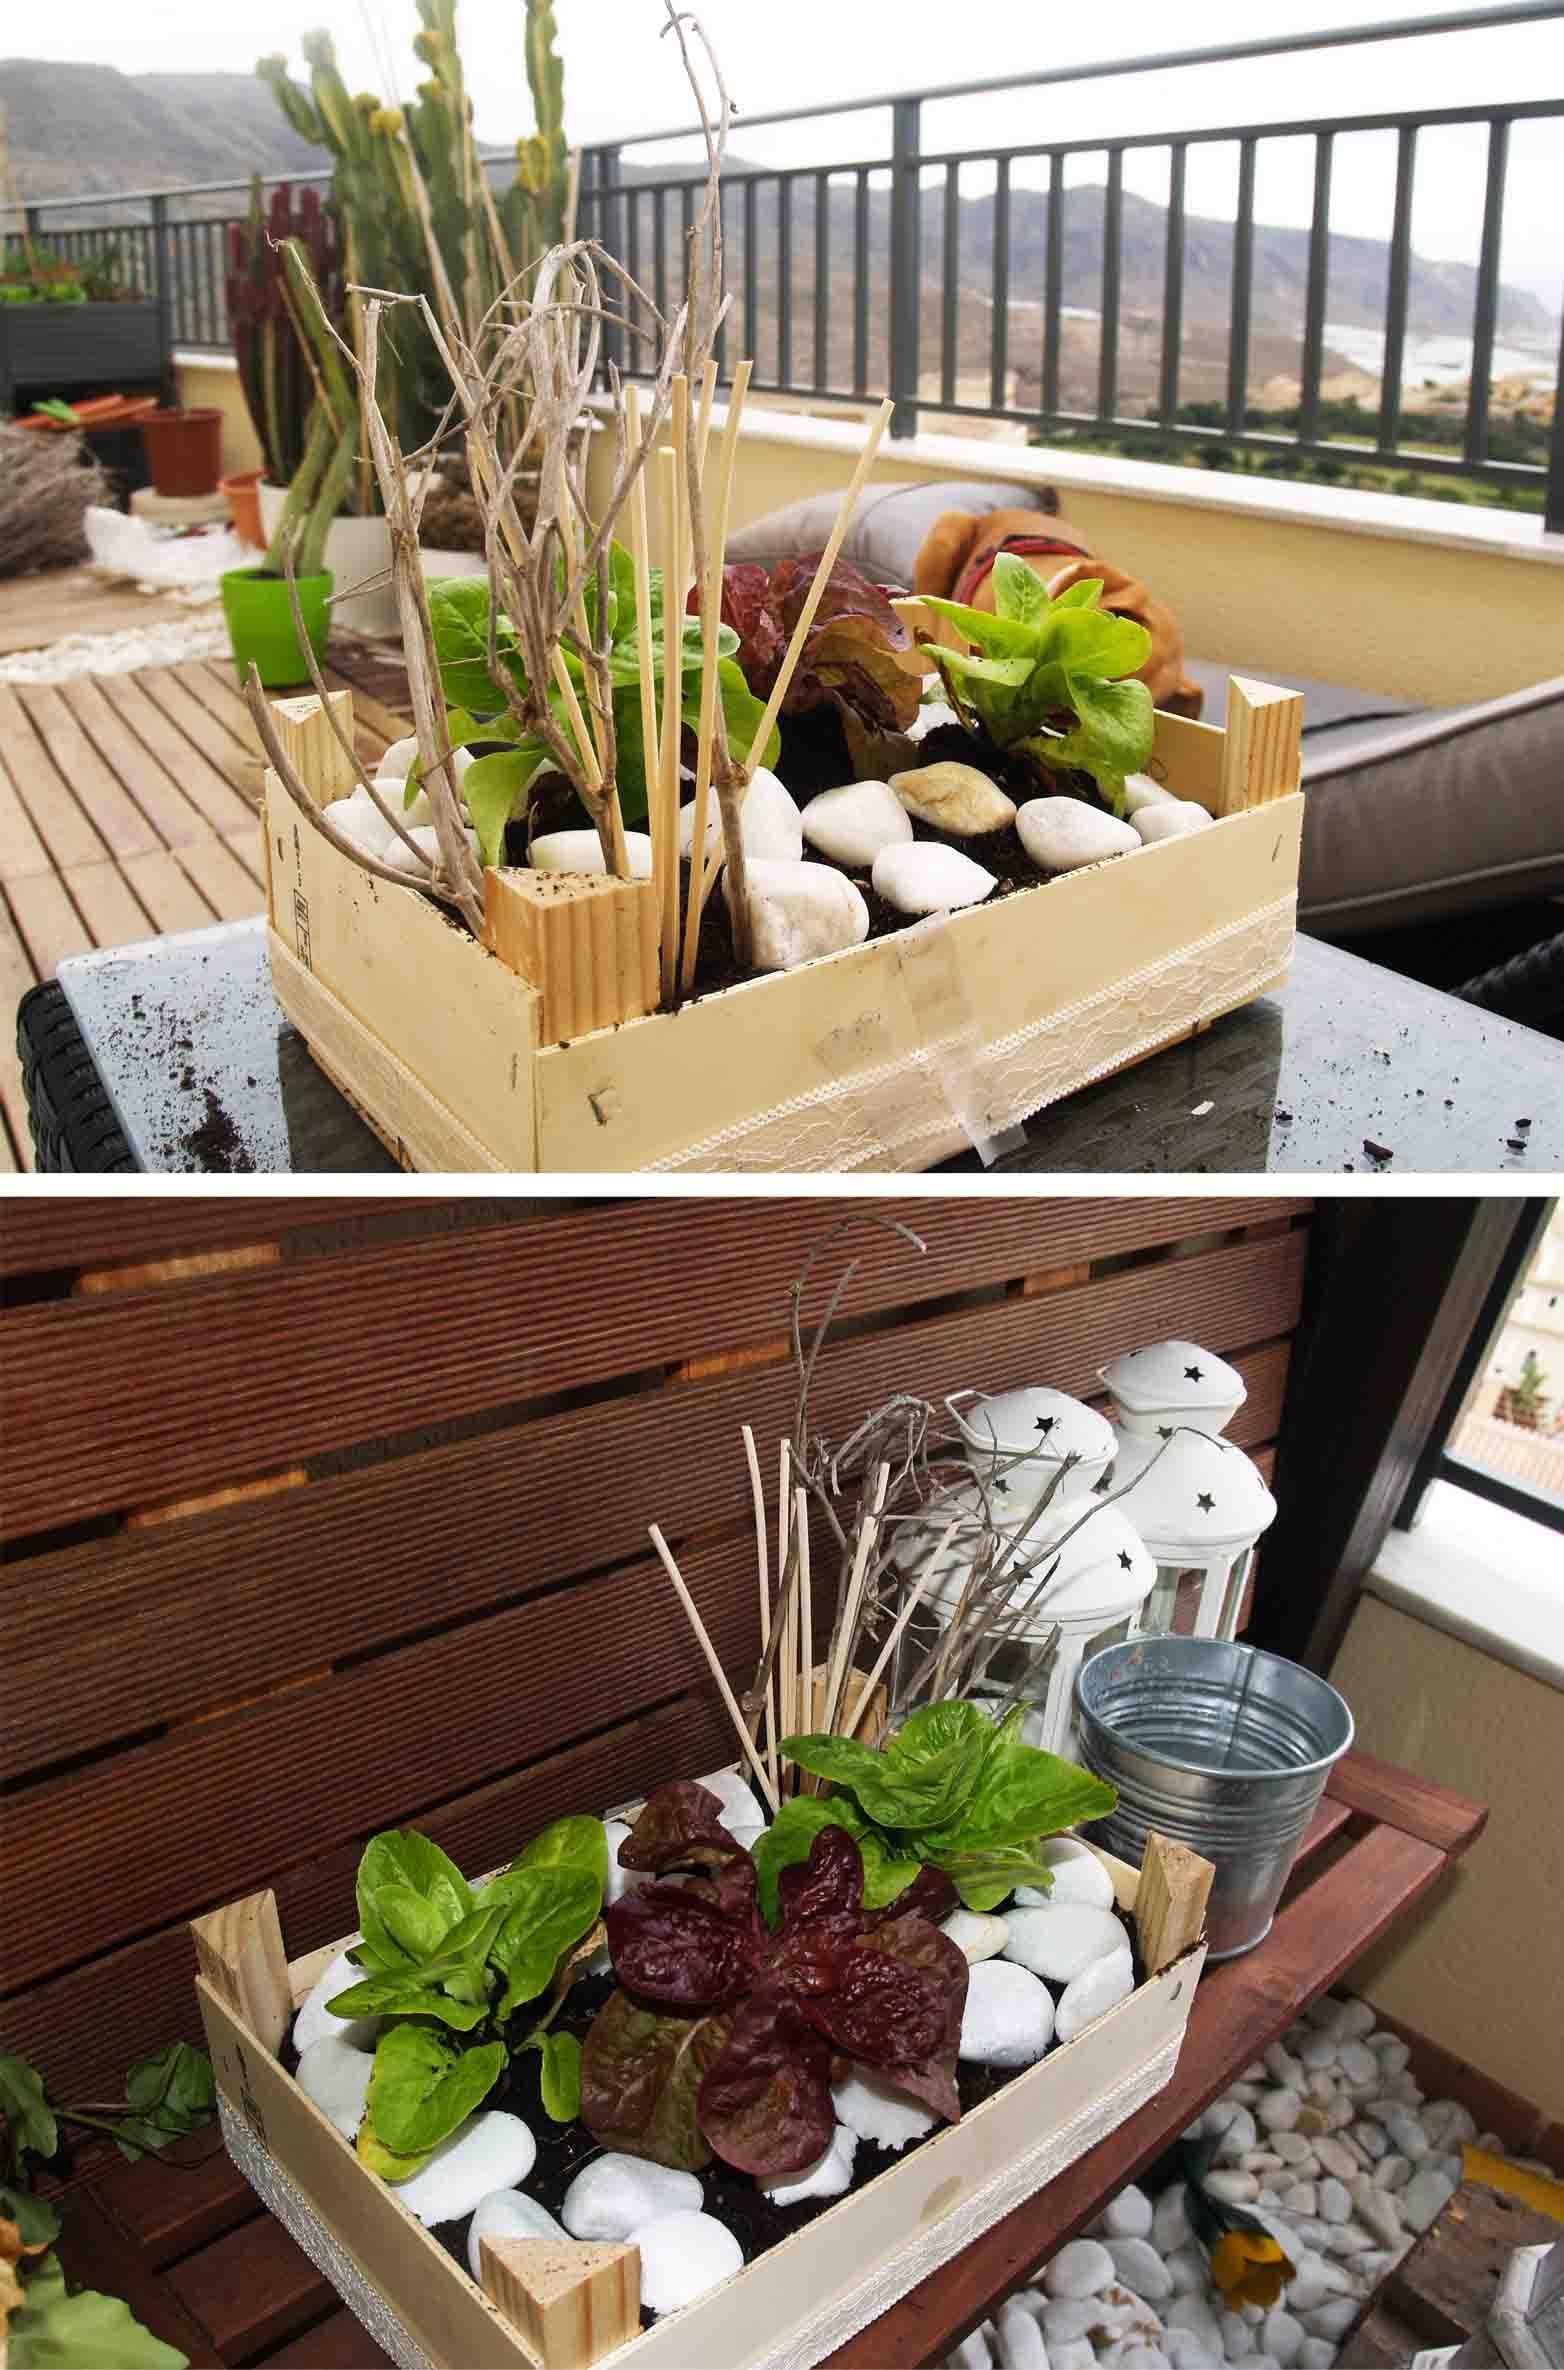 Espacio verde: De Caja de Fresas a Mini Huerto